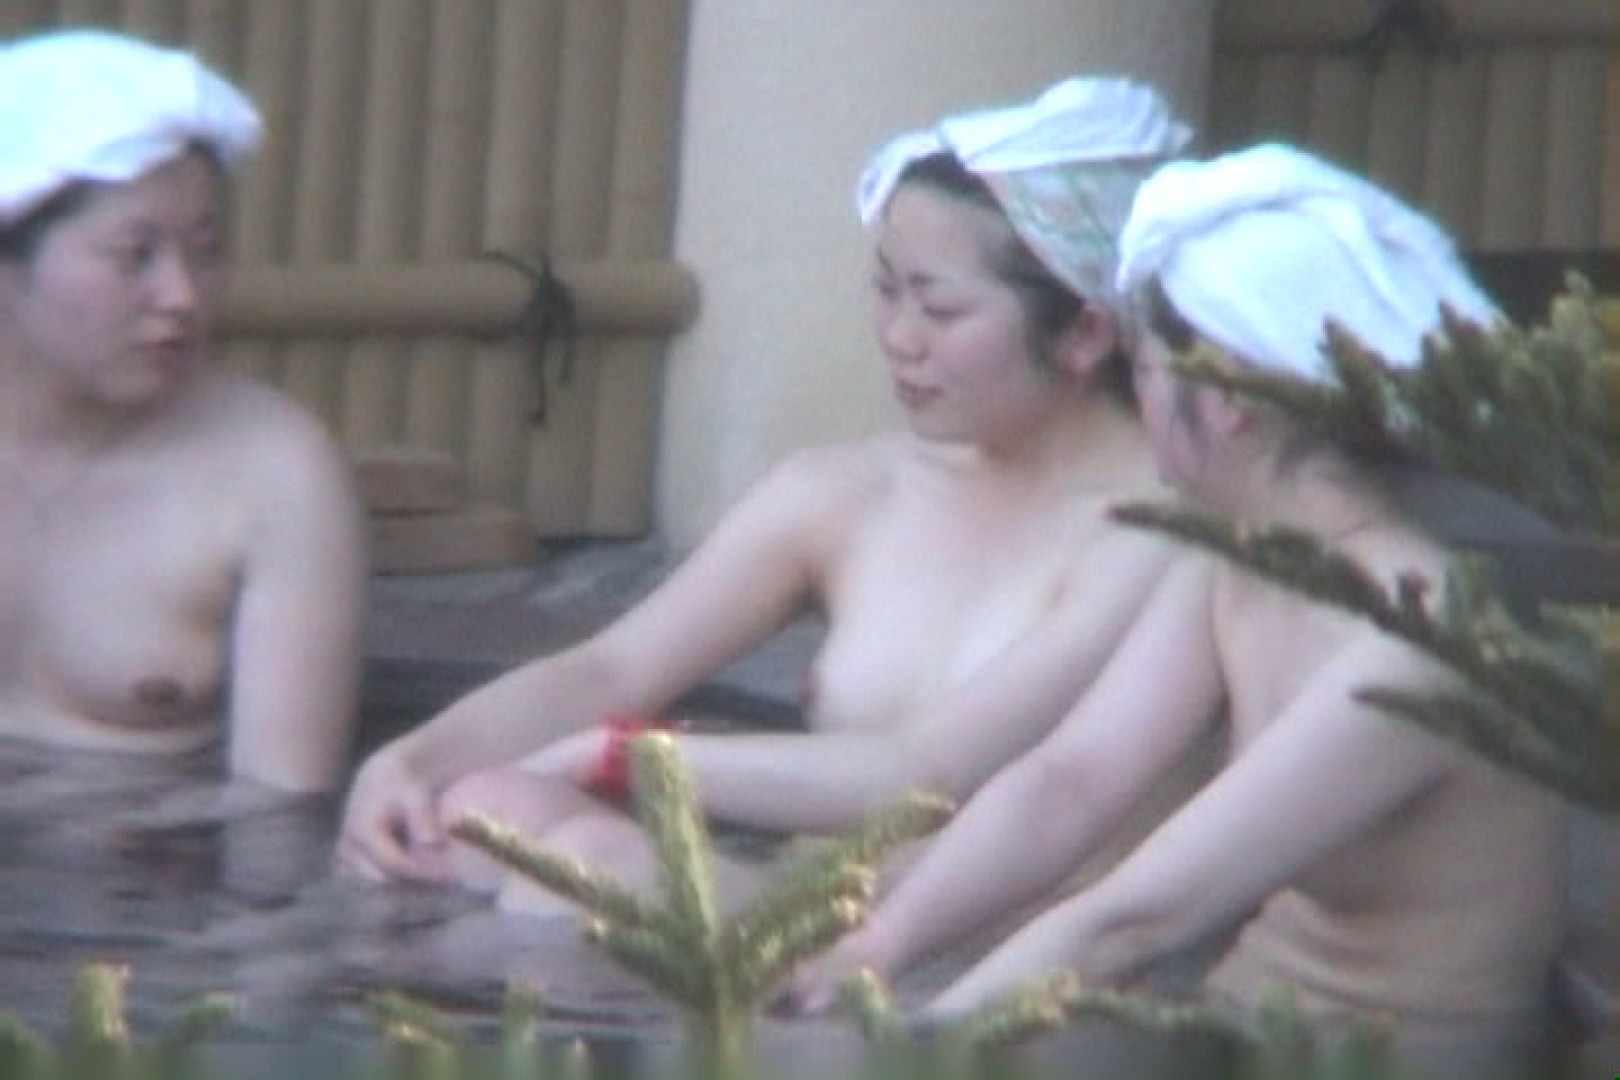 Aquaな露天風呂Vol.86【VIP限定】 盗撮師作品   美しいOLの裸体  94pic 31